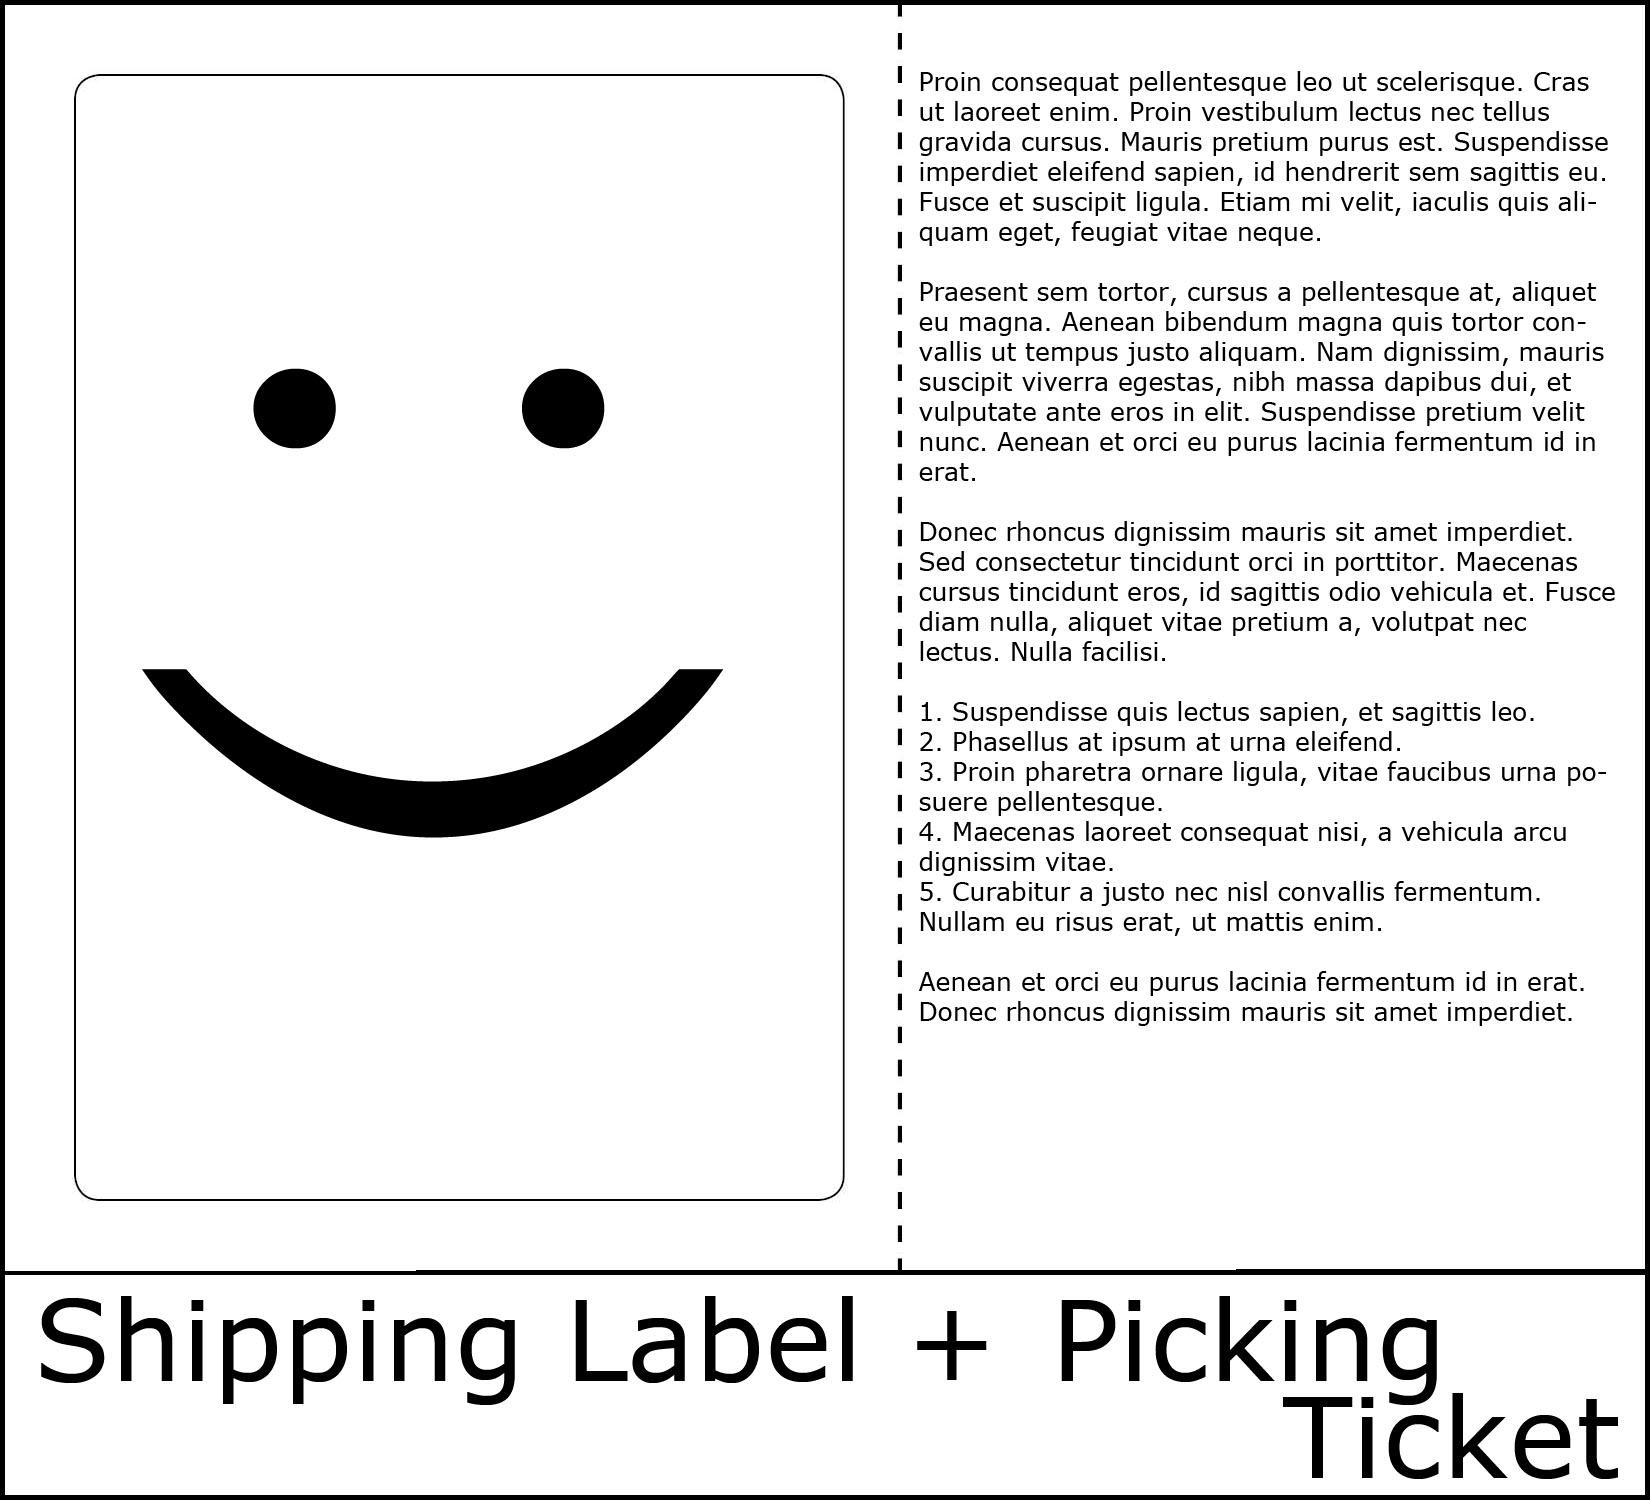 Doc582746 Sample Packing Slip Free Packing Slip Template for – Packing Slip Template